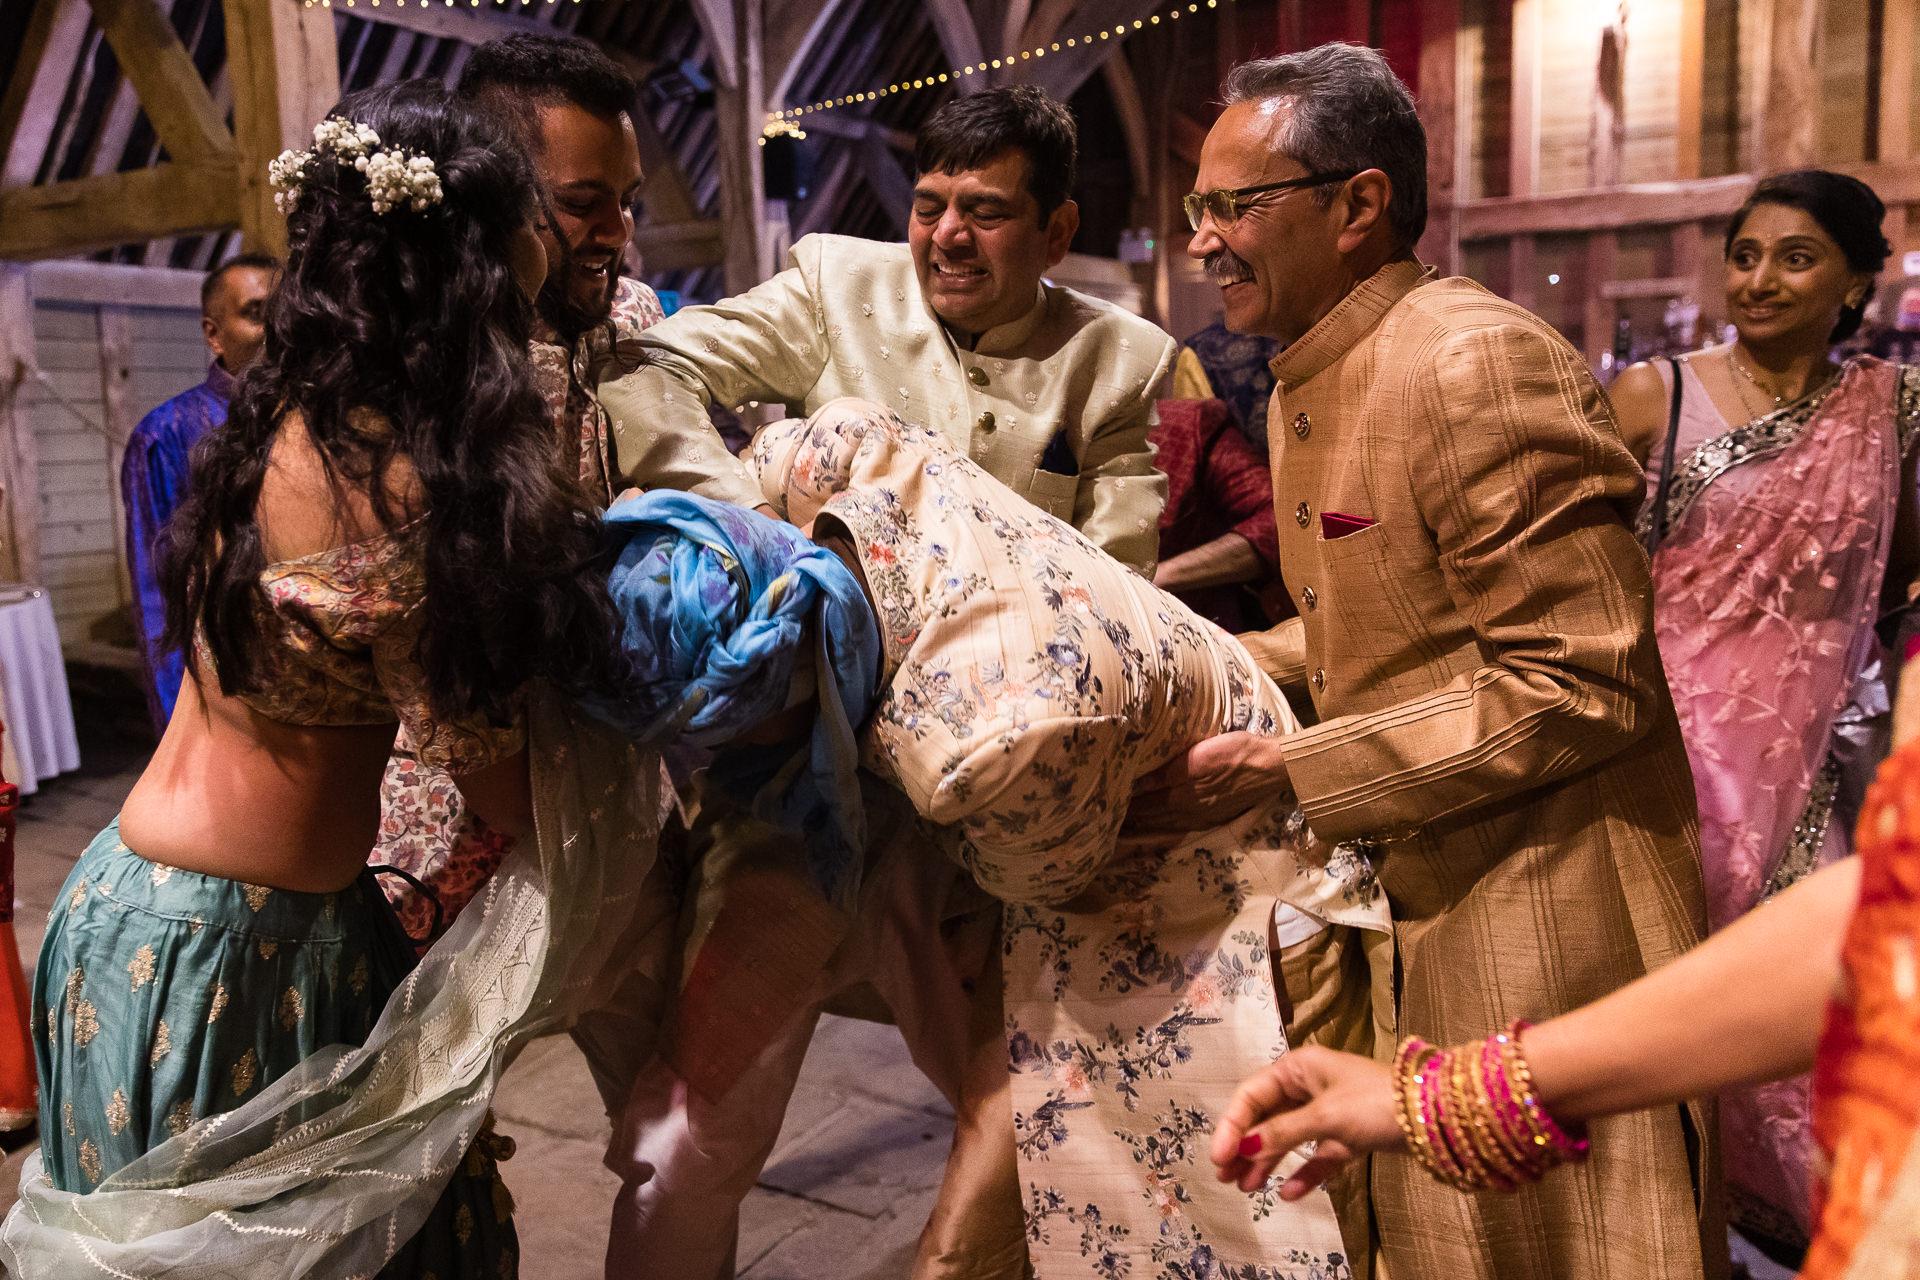 Shoe stealing during Hindu wedding